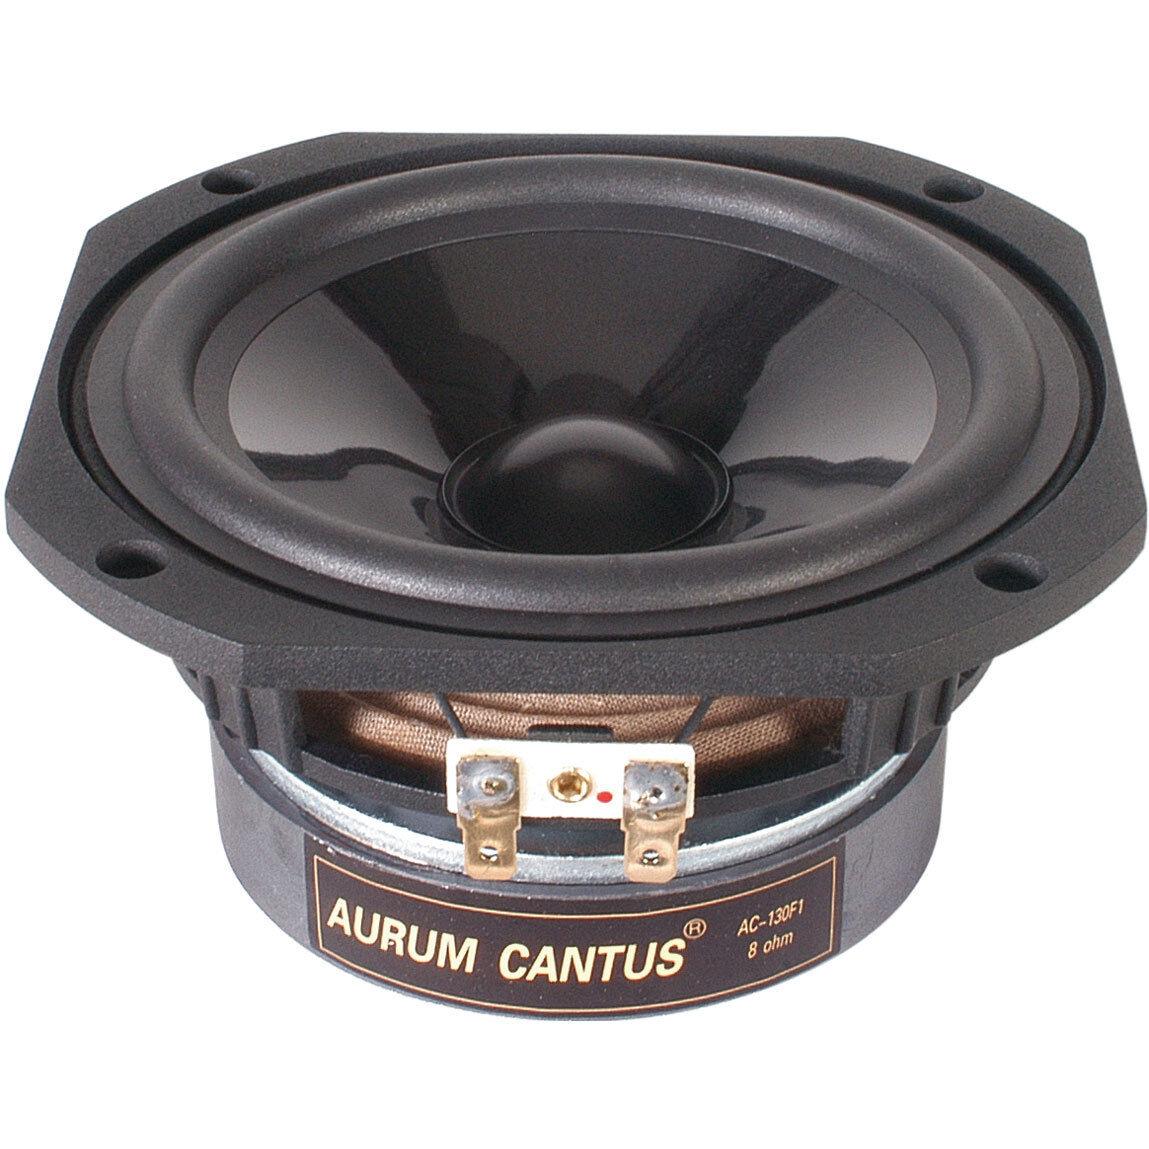 Aurum Cantus AC-130F1 5-1 4  Woofer